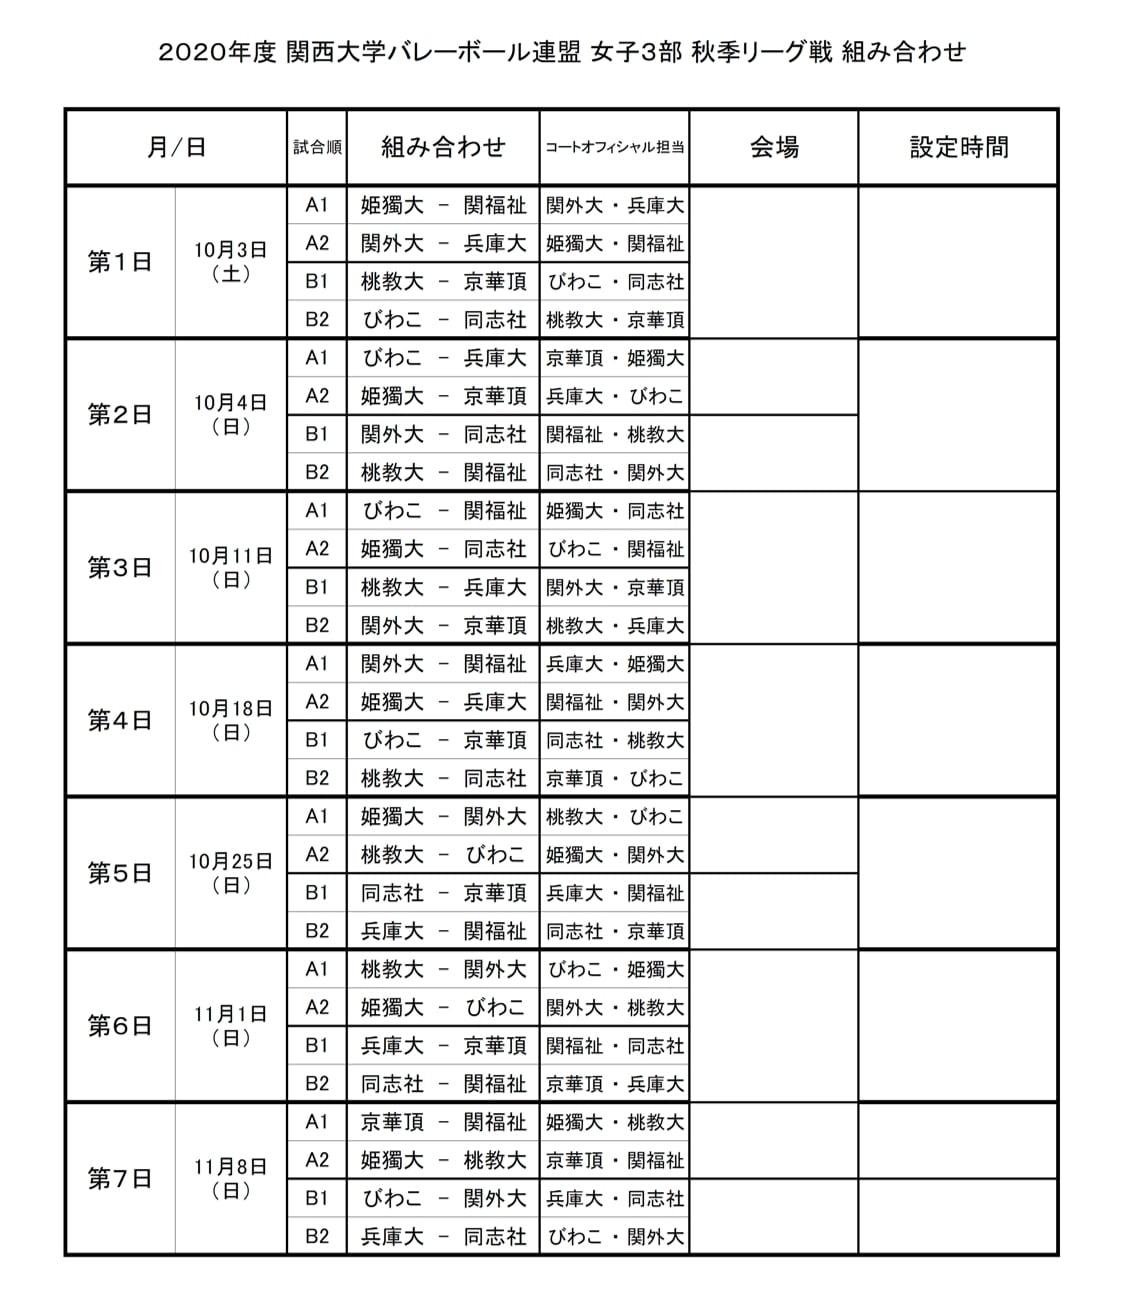 2020年度_関西大学バレーボール_秋季リーグ_女子3部_組合せ